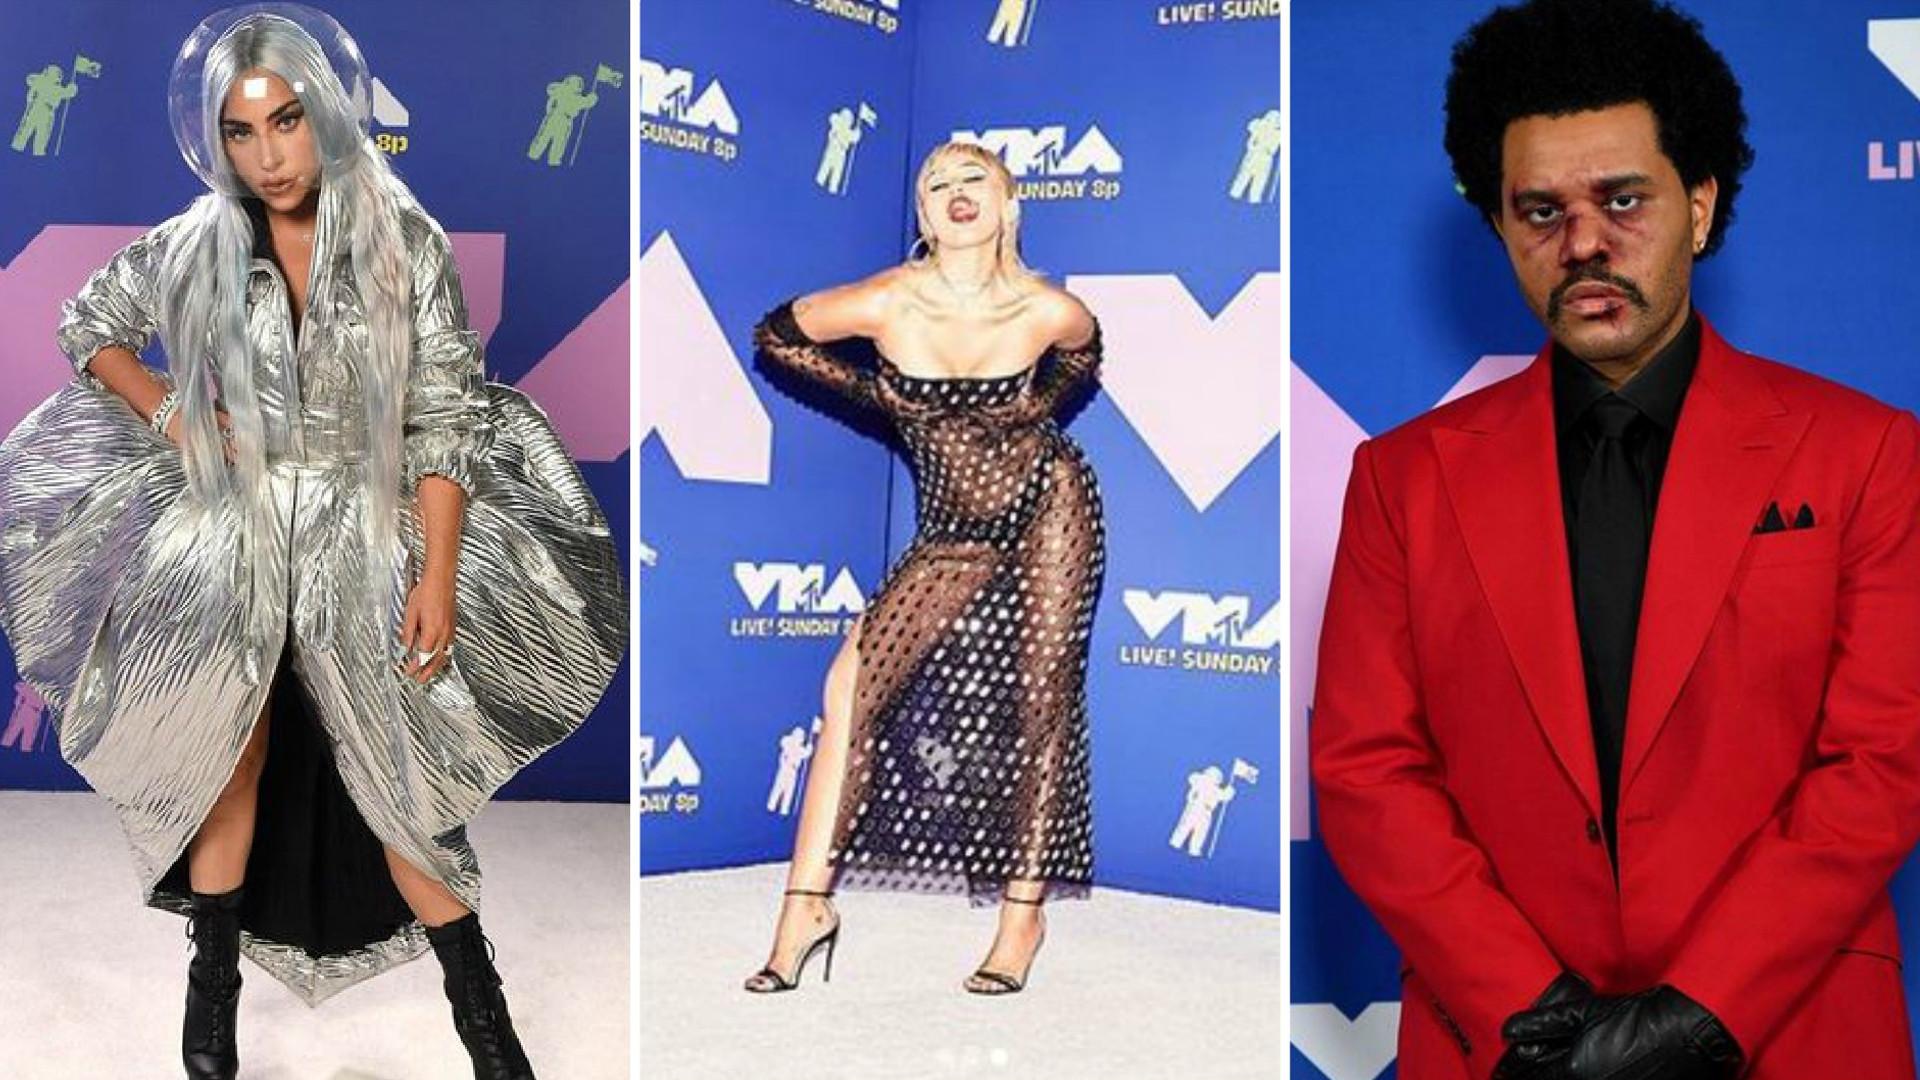 Wirtualne MTV VMA – Lady Gaga SZOKOWAŁA stylizacjami (ZDJĘCIA)